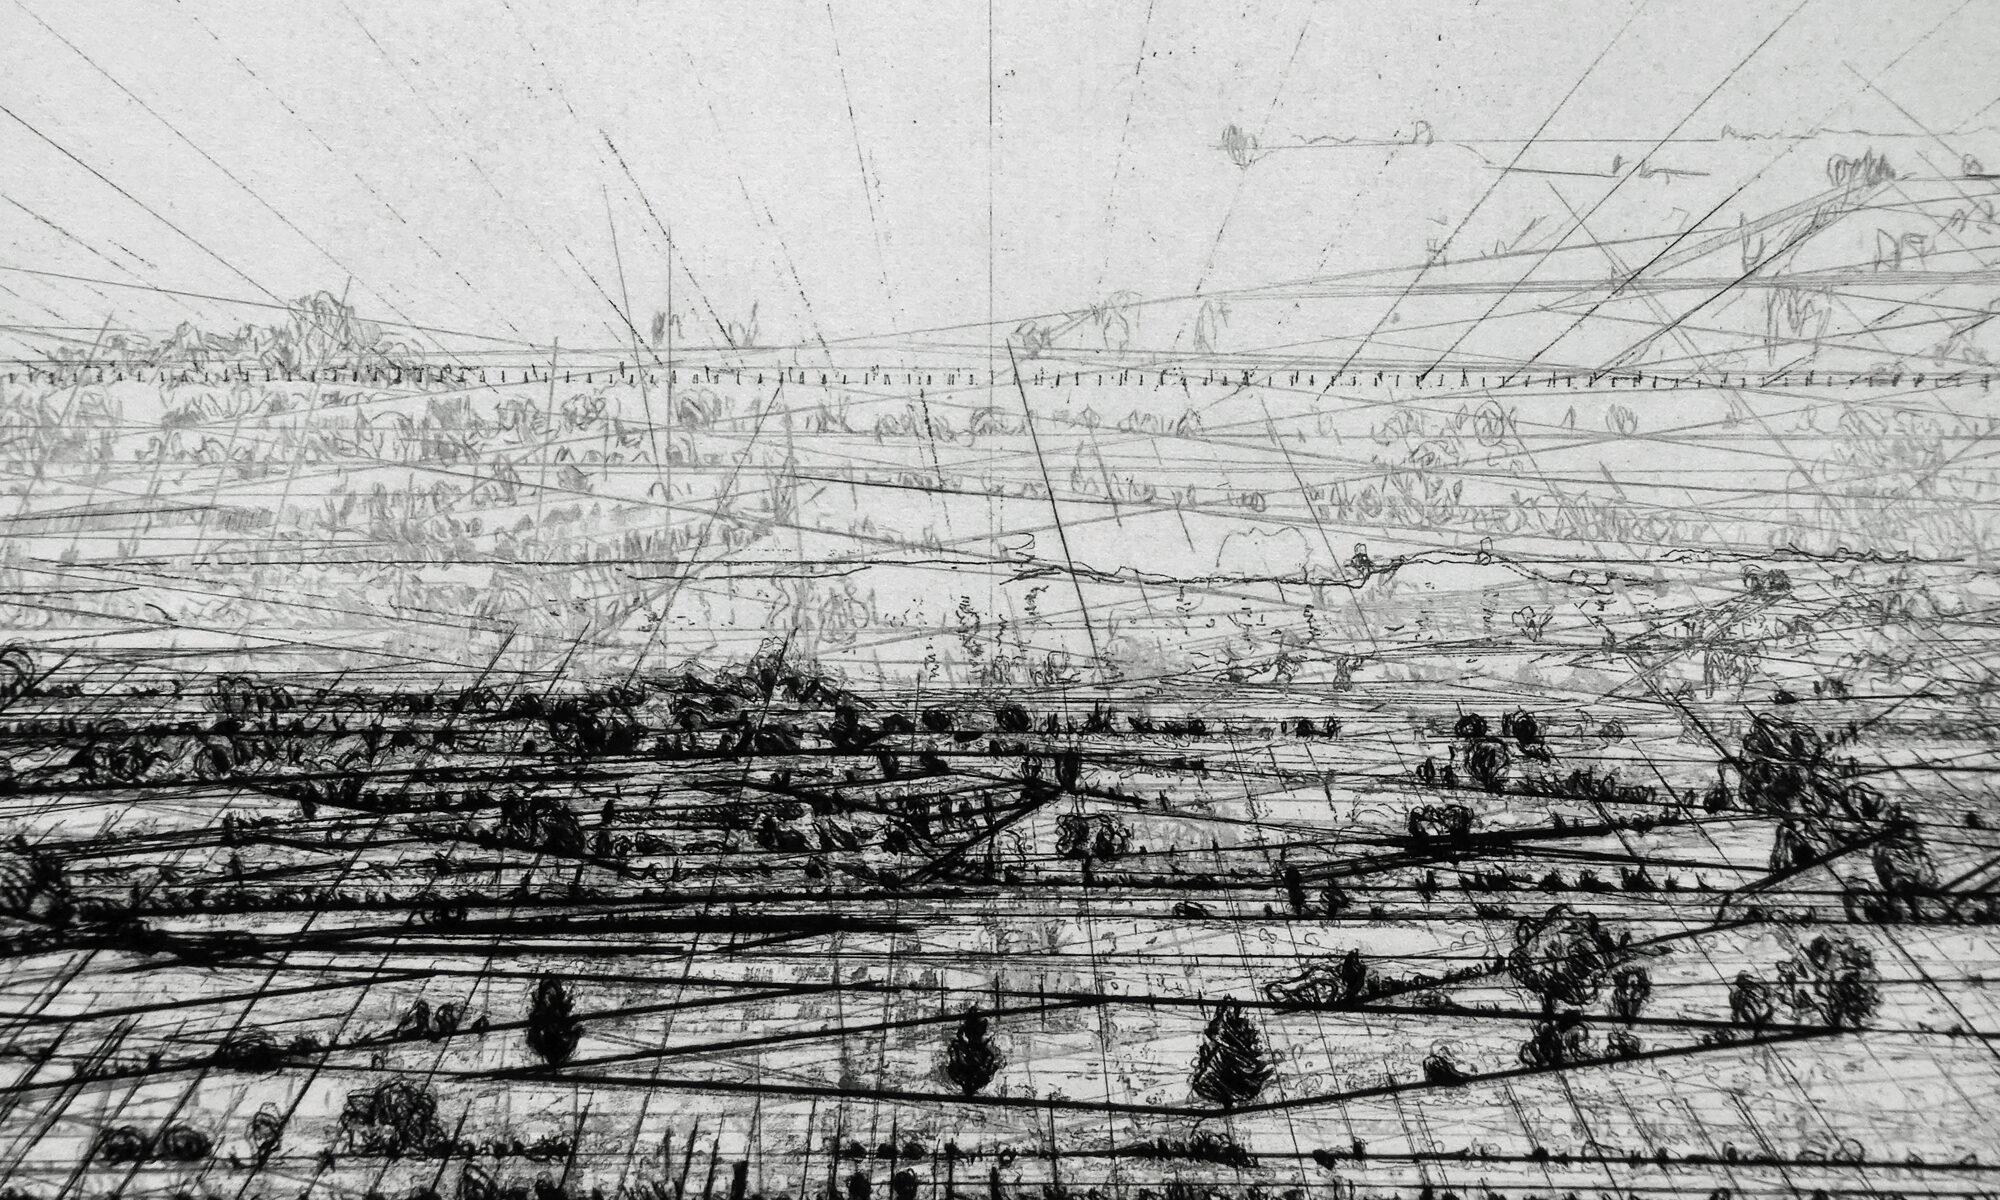 Eine Landschaft reduziert auf schwarze Perspektivlinien ohne Wolke auf weißem Büttenpapier gedruckt.